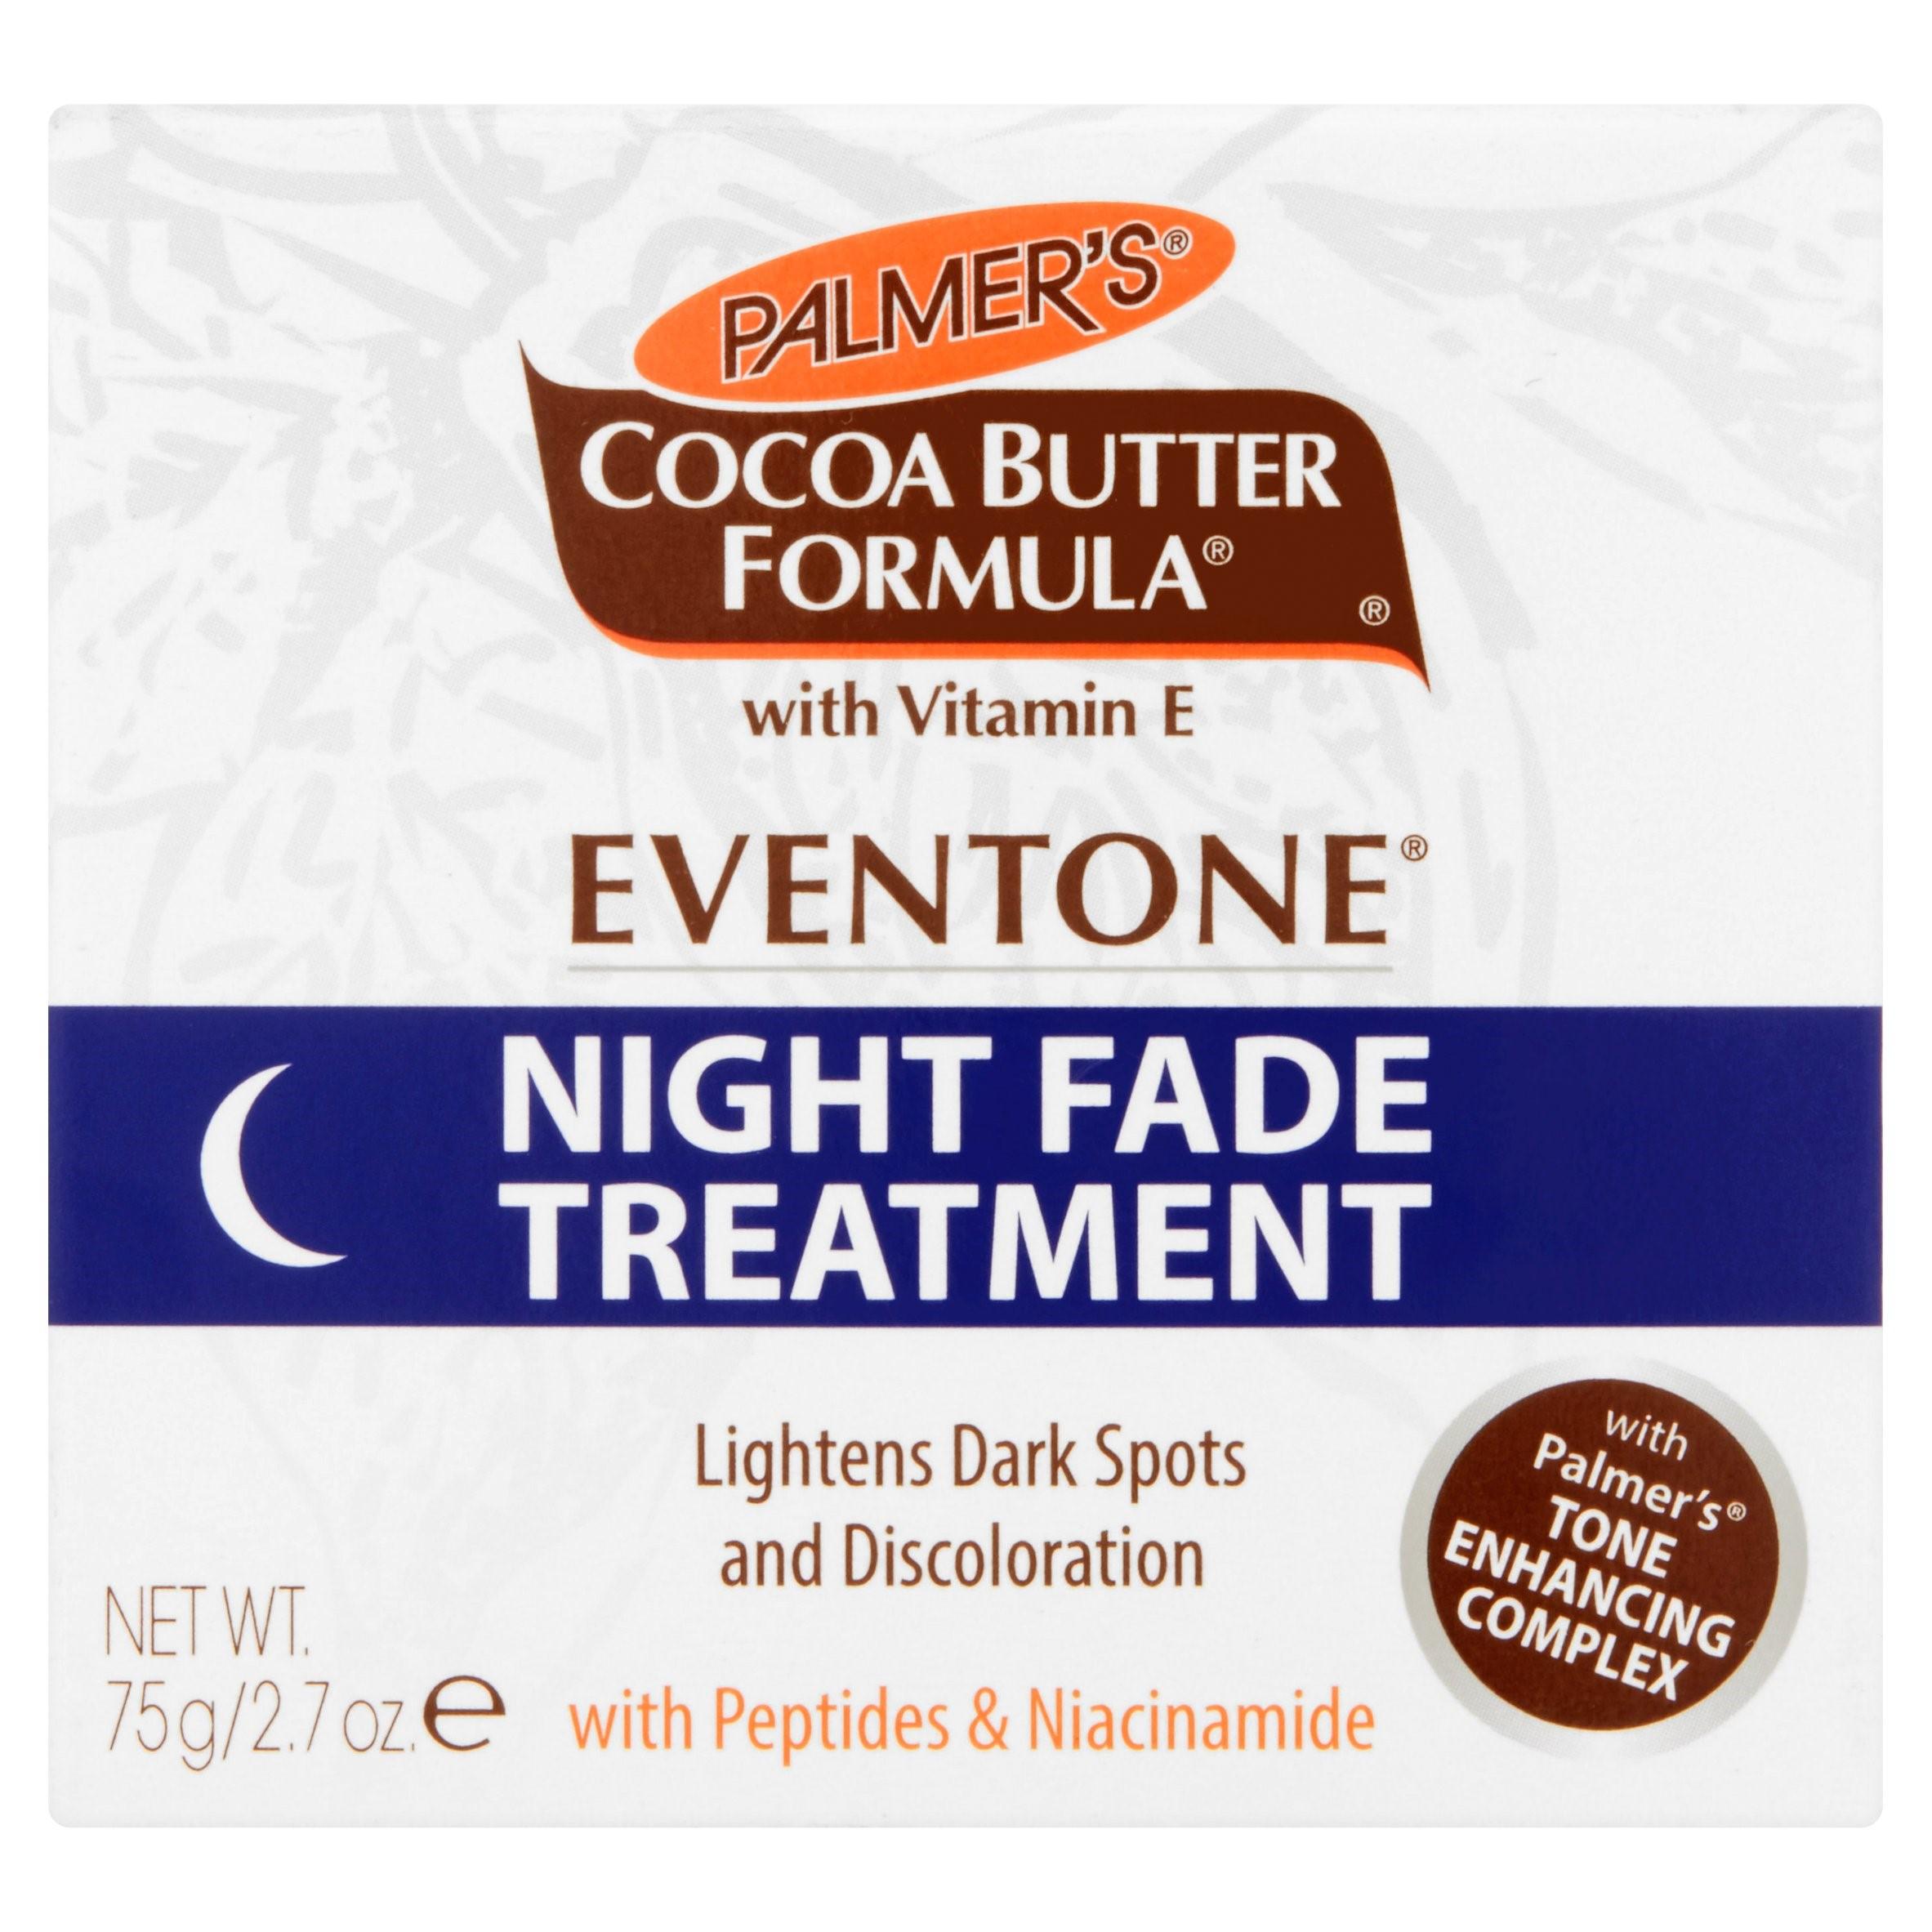 Palmer's Cocoa Butter Formula Eventone Night Fade Treatment Skin Lightener, 2.7 oz